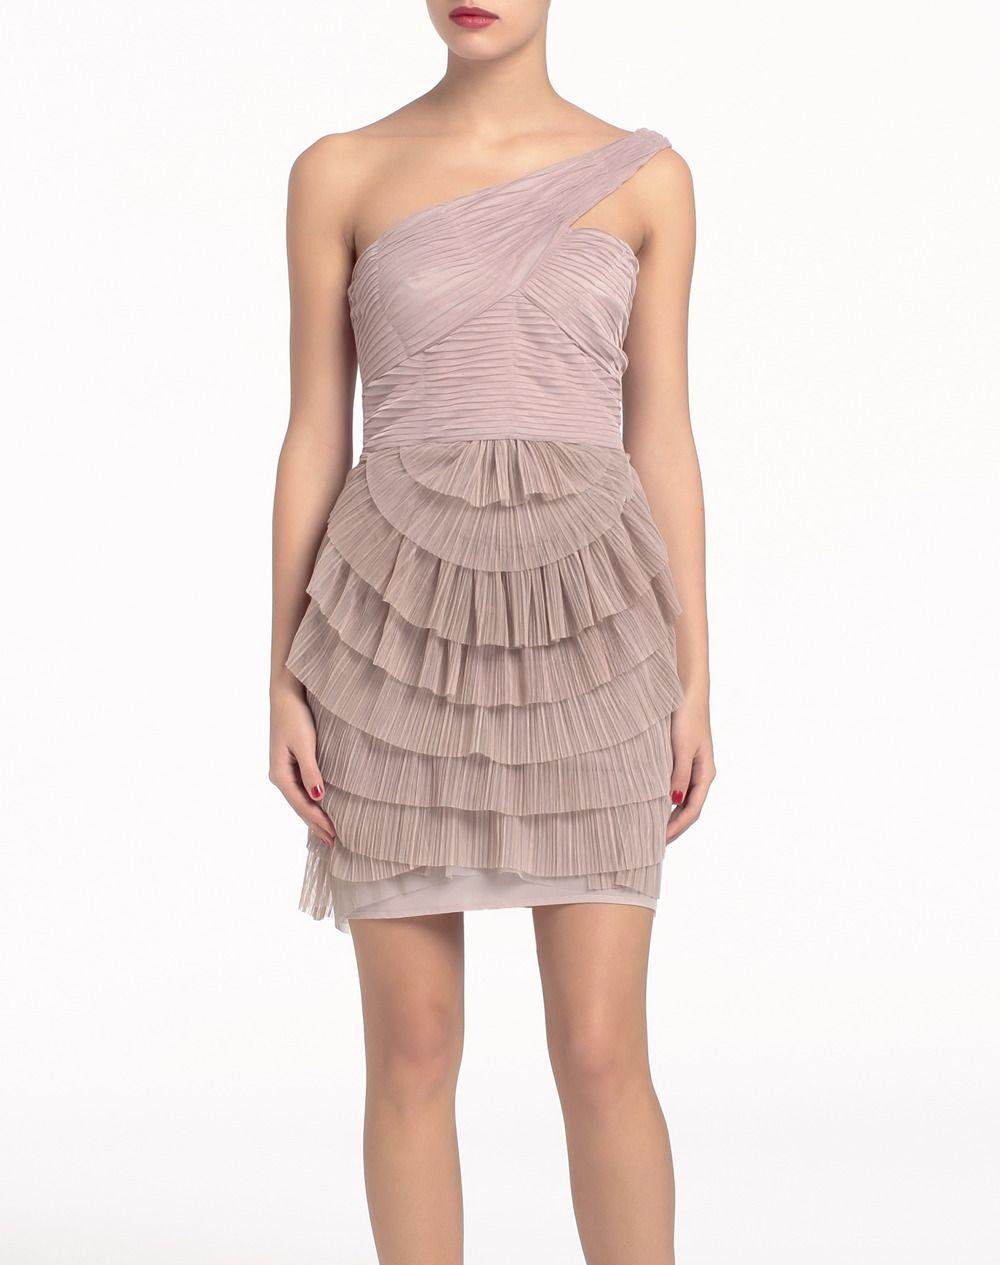 Vestido BCBG MAXAZRIA - Mujer - Vestidos - El Corte Inglés - Moda ...